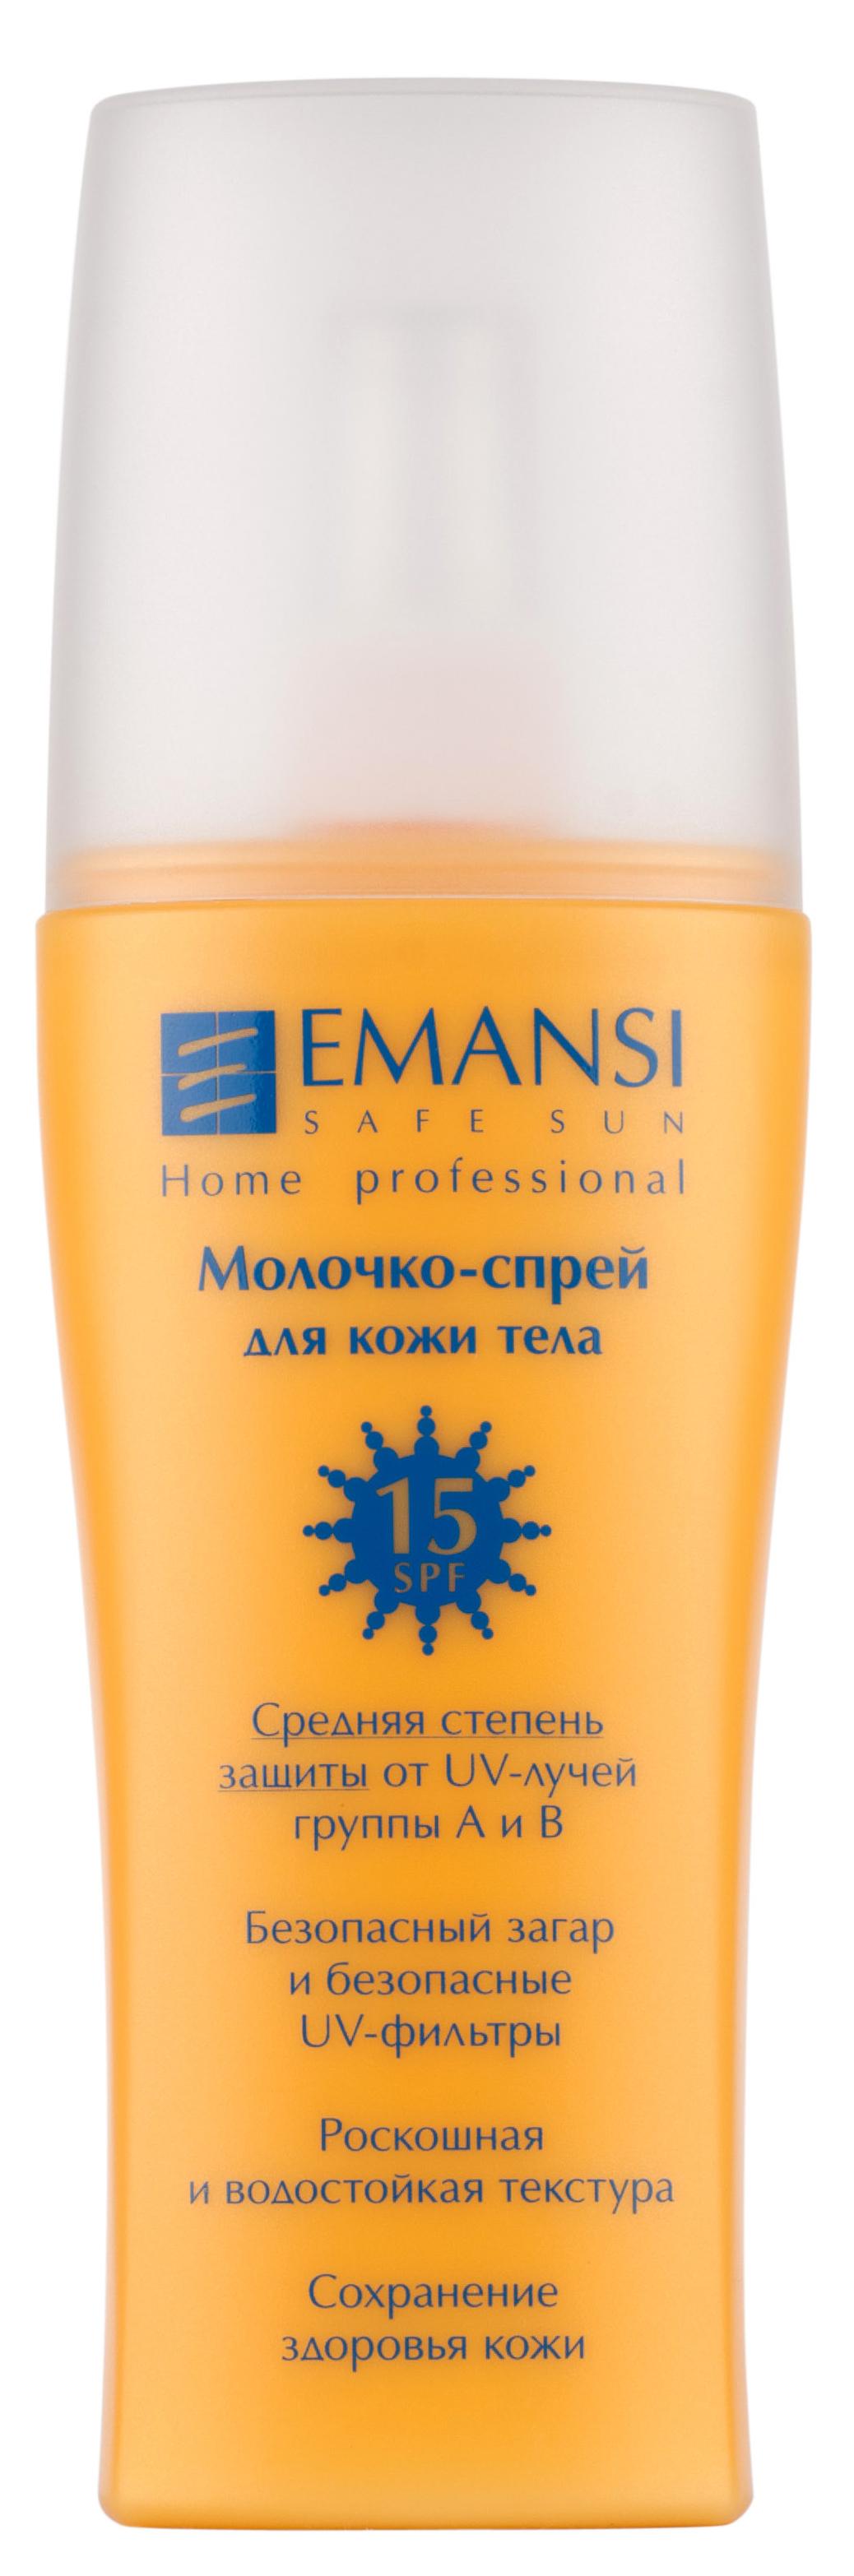 Emansi Молочко-спрей для кожи тела Safe sun SPF 15, 150 мл3267- Средняя степень защиты от UV-лучей группы А и В - Безопасный загар и безопасные UV-фильтры - Роскошная и водостойкая текстура - Сохранение здоровья кожи - Защищает от UV-лучей группы А и В благодаря использованию безопасных UV-фильтров - Устойчиво к действию воды и пота - Подходит для любой, в том числе и чувствительной кожи